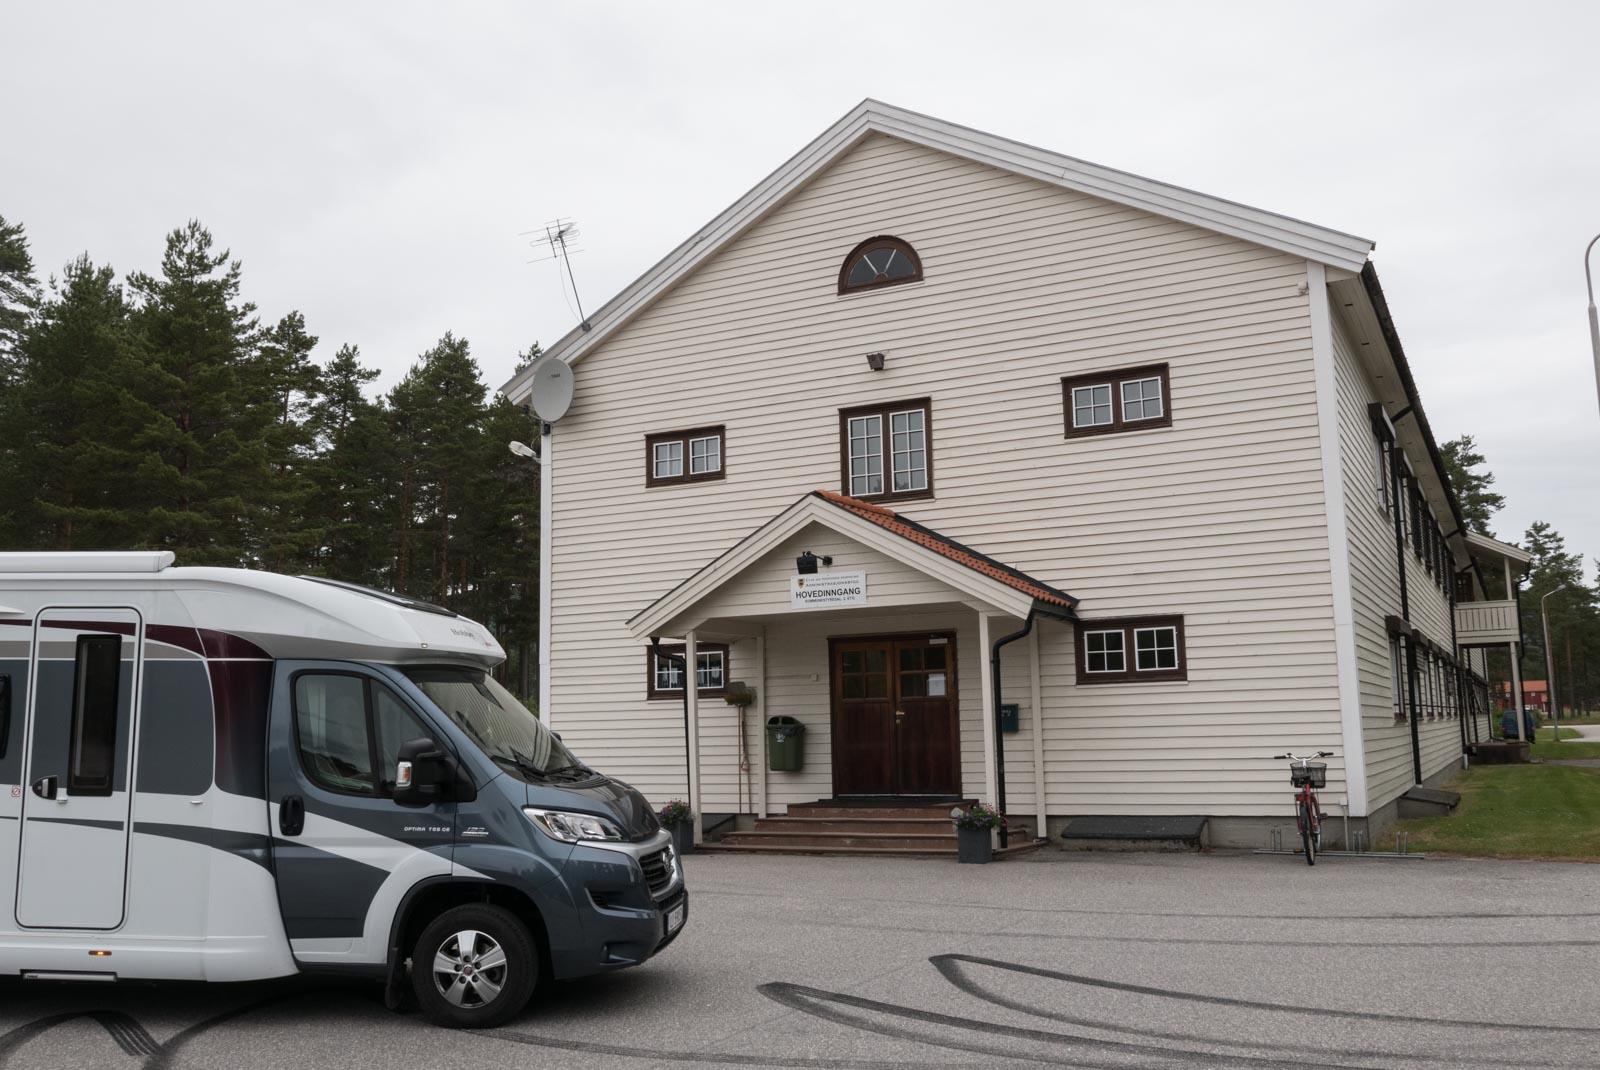 Evje og Hornnes 7. Juli 2015